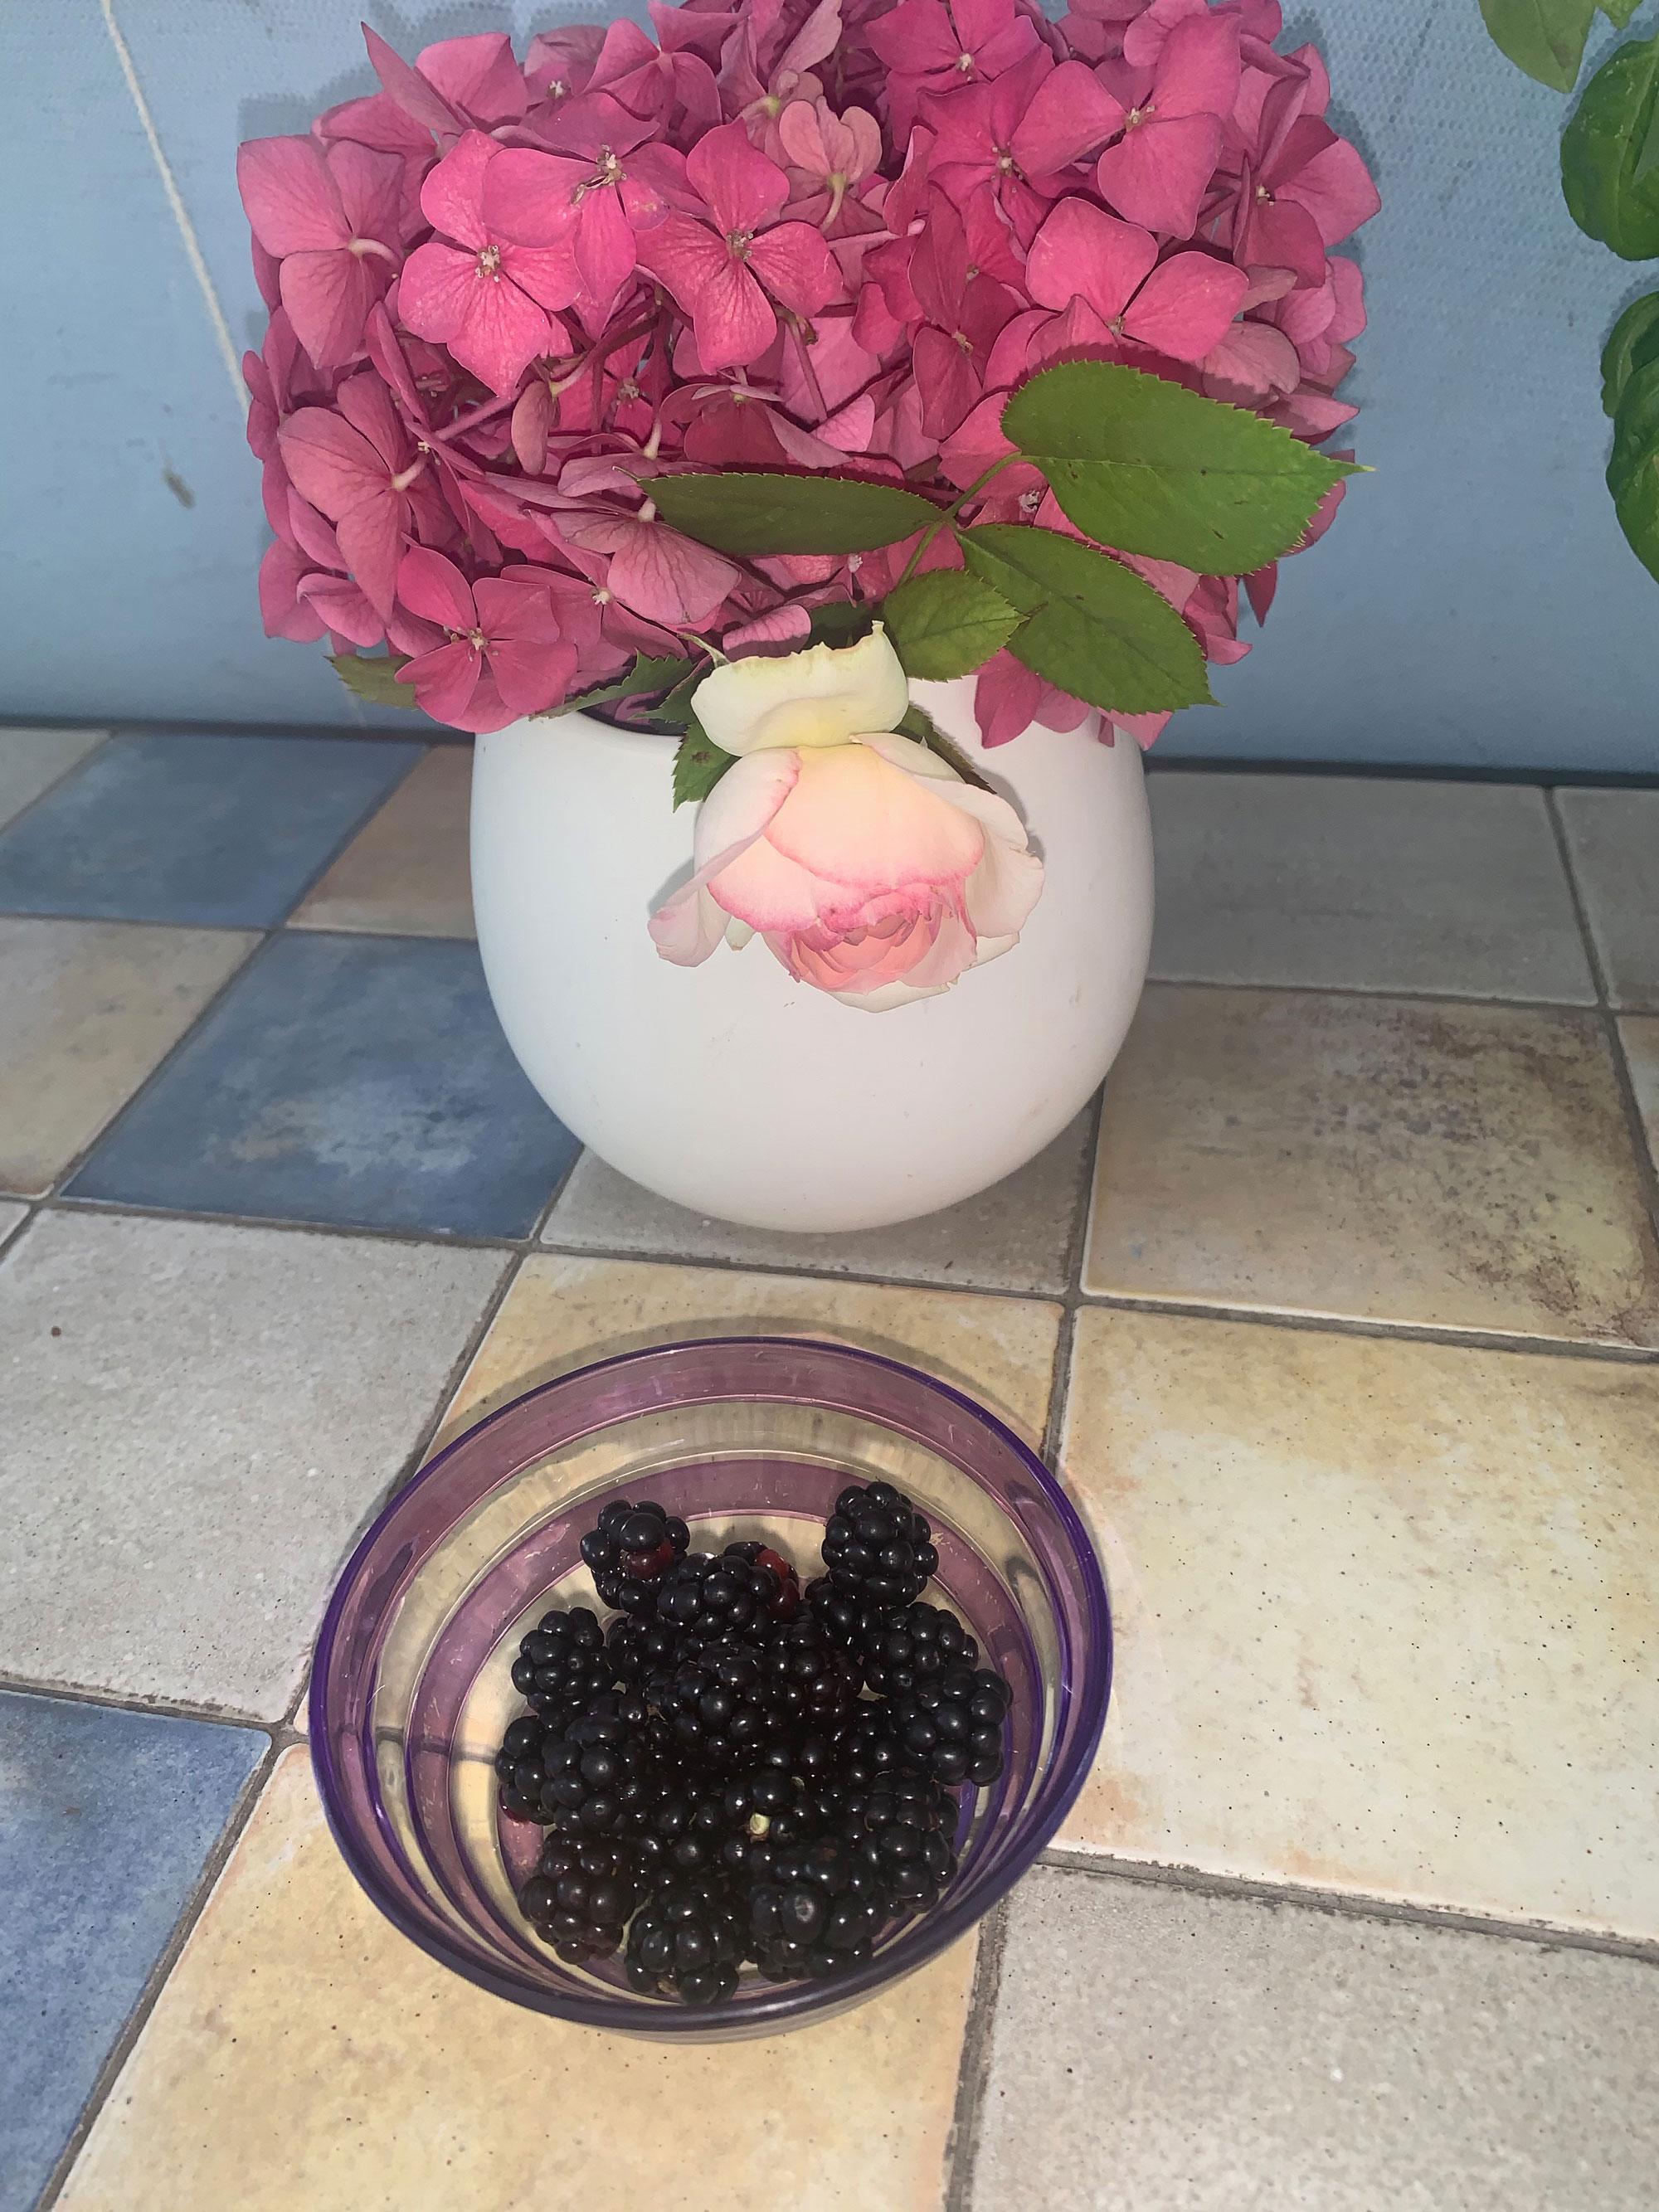 homegrown blackberries